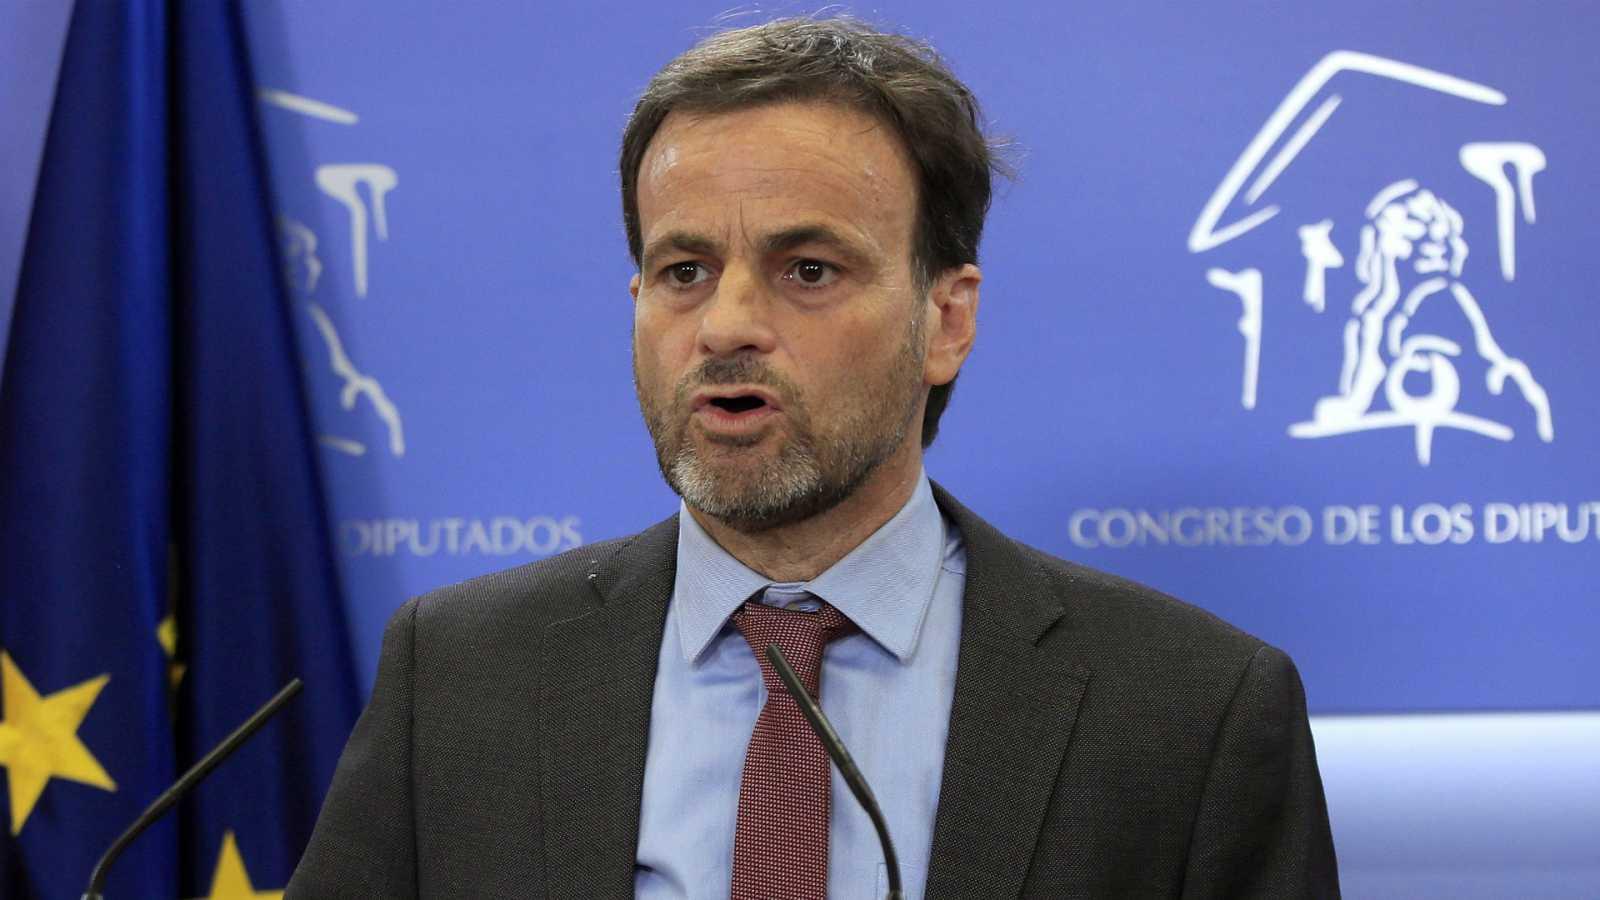 Las mañanas de RNE - Unidas Podemos pedirá la comparecencia de Felipe VI en el Congreso - Escuchar ahora